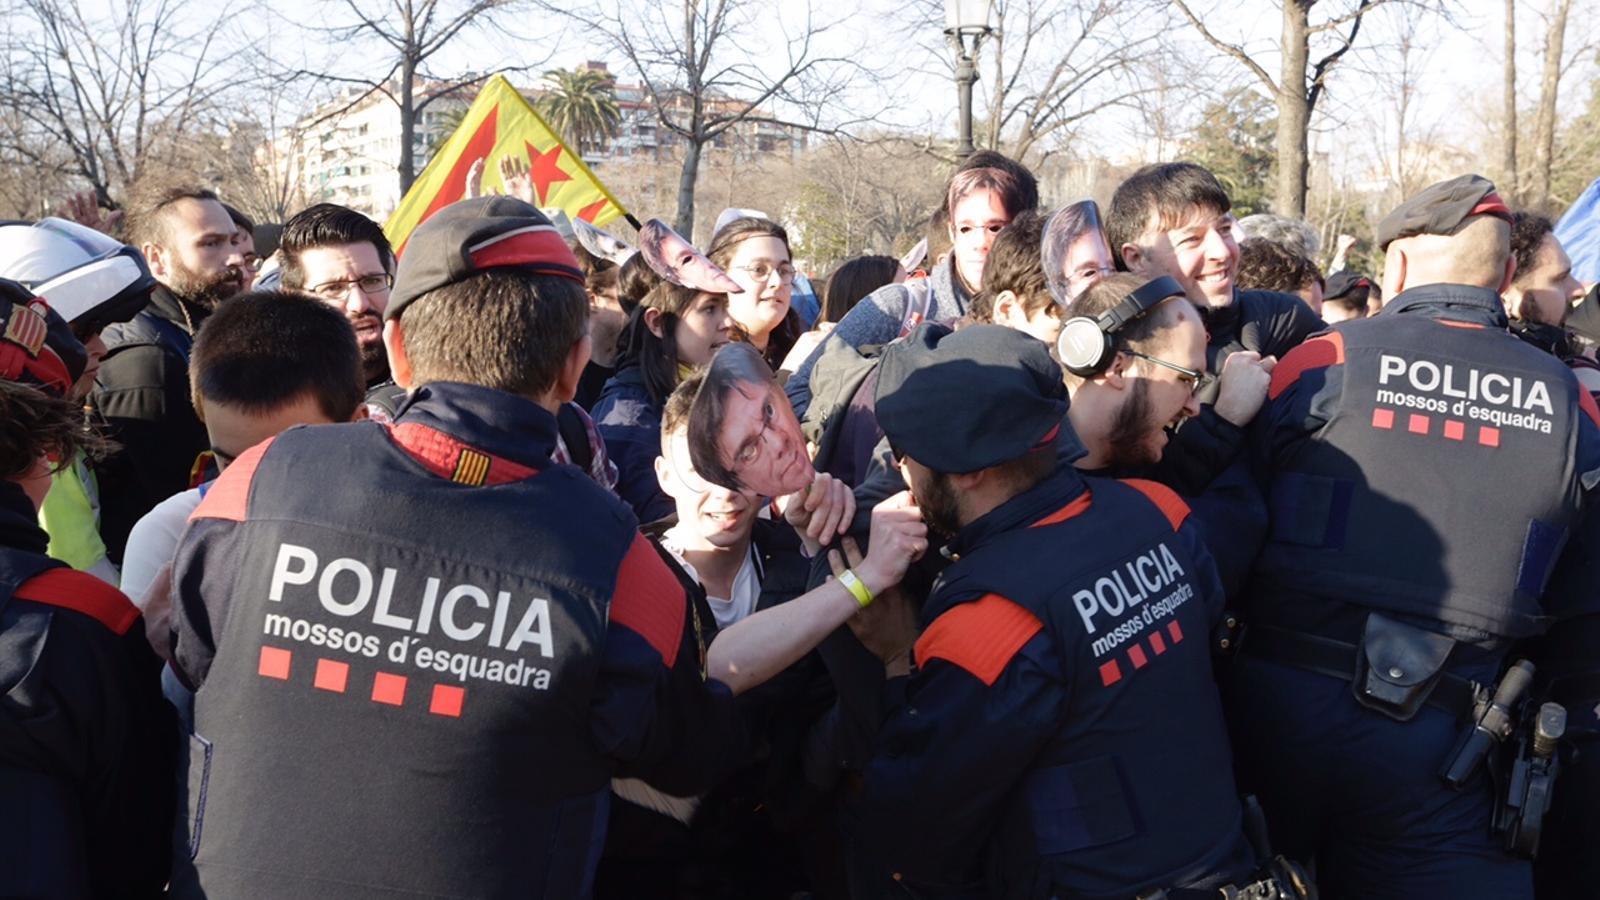 Els manifestants entren al Parc de la Ciutadella